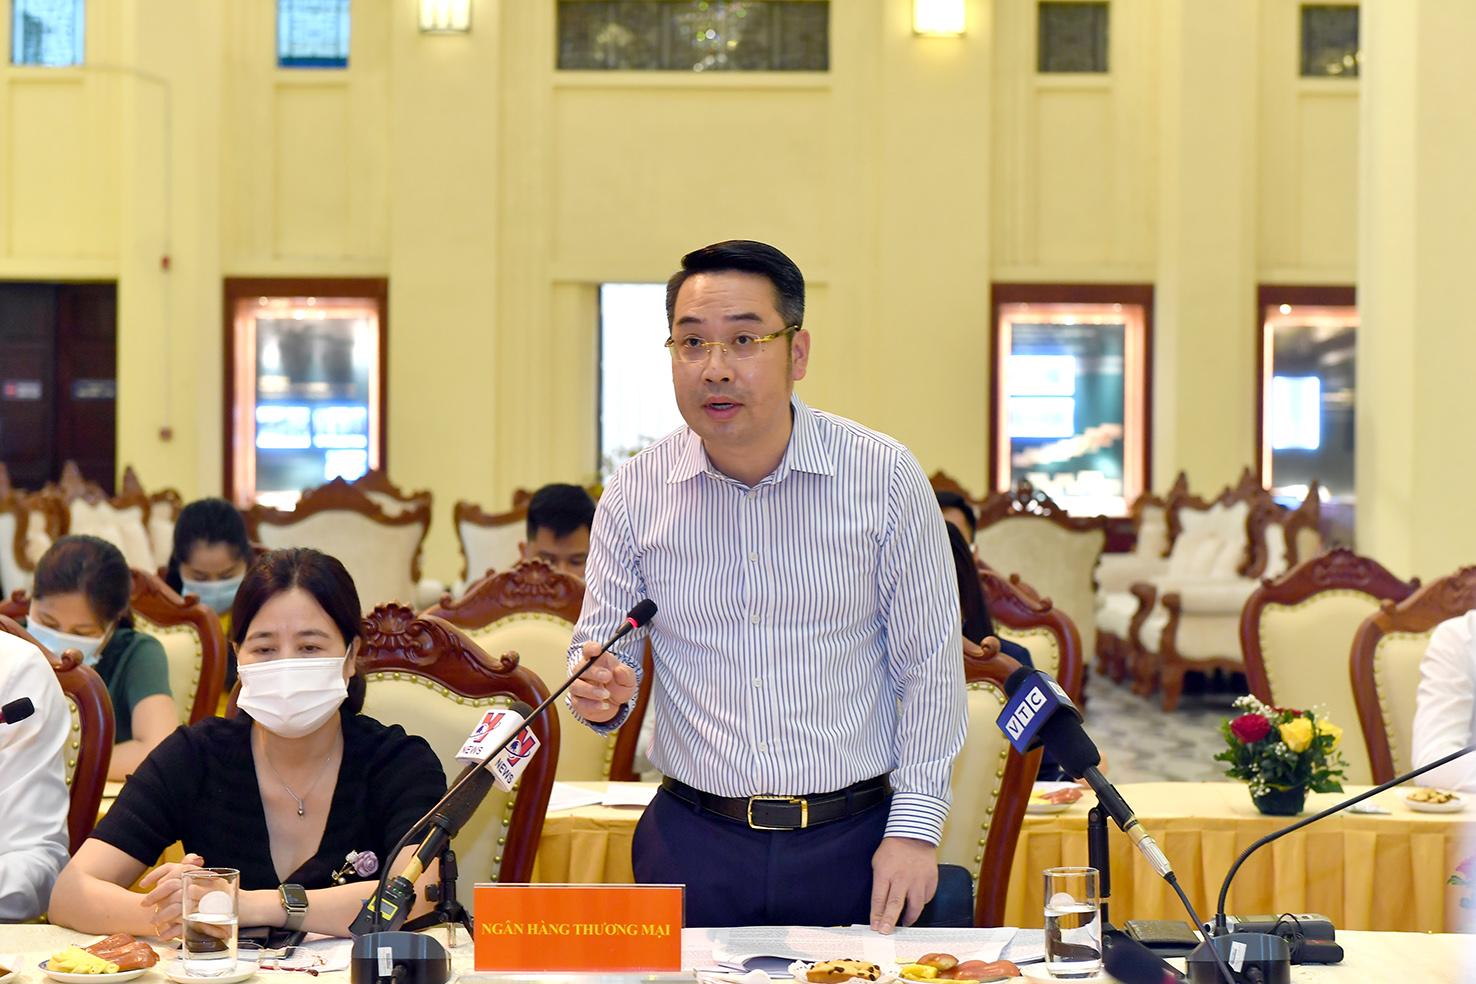 Ba ngân hàng SeABank, MSB, SHB cam kết tài trợ 4.000 tỷ cho Vietnam Airlines, dự kiến giải ngân cuối tháng 6, đầu tháng 7 - Ảnh 1.